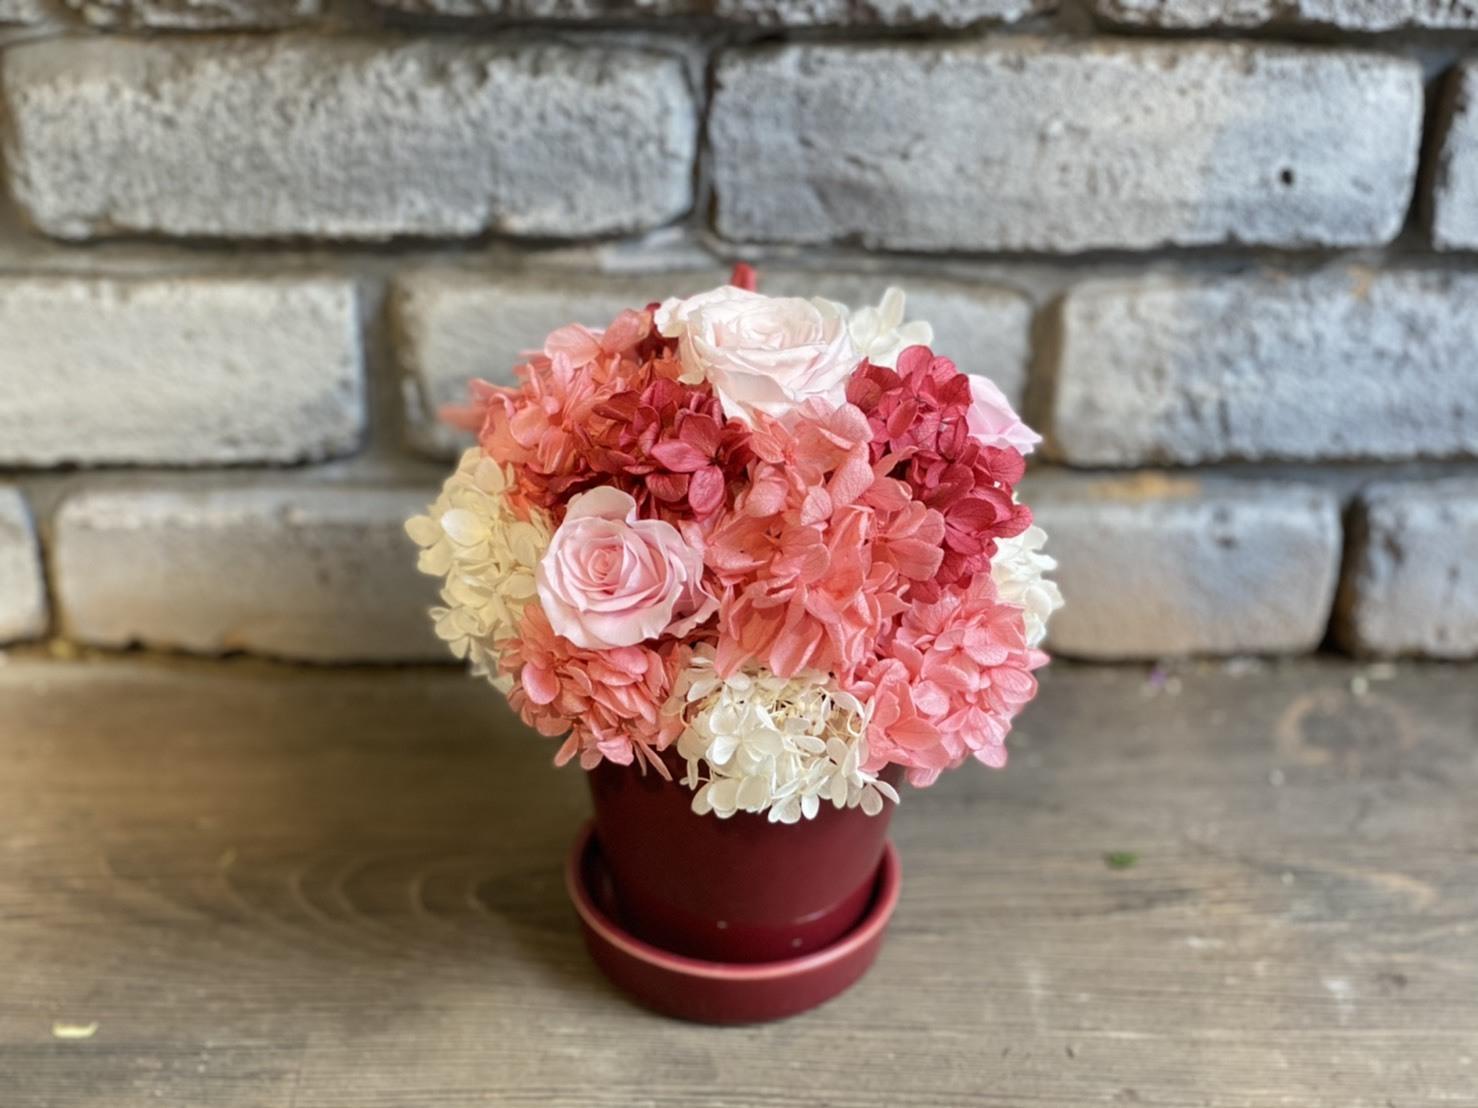 【母の日ギフト】プリザーブドフラワーアレンジメント ホワイトピンク